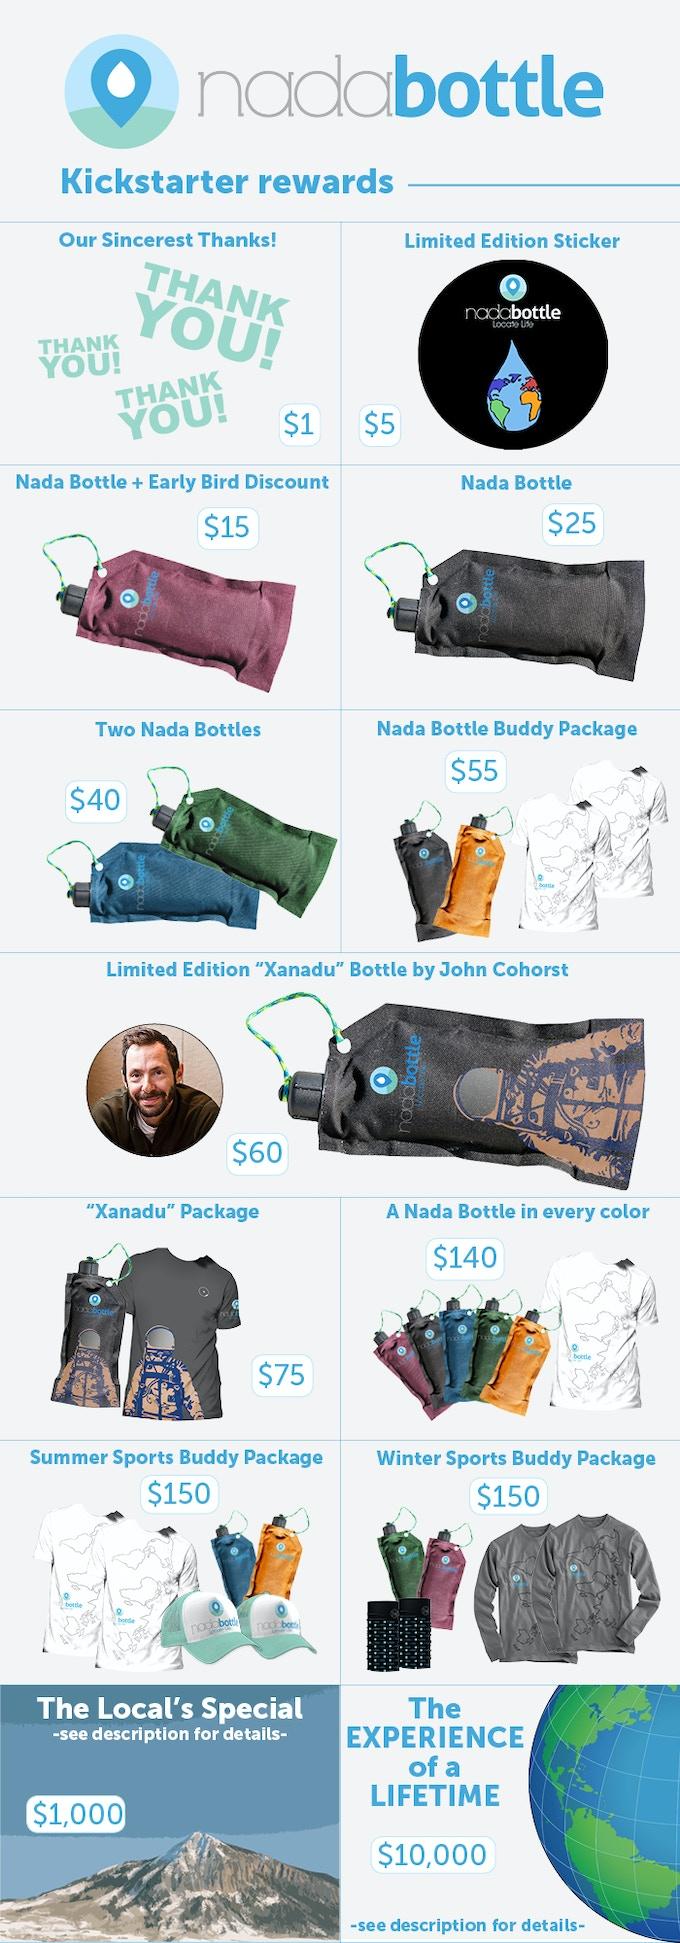 Nada Bottle Kickstarter Rewards